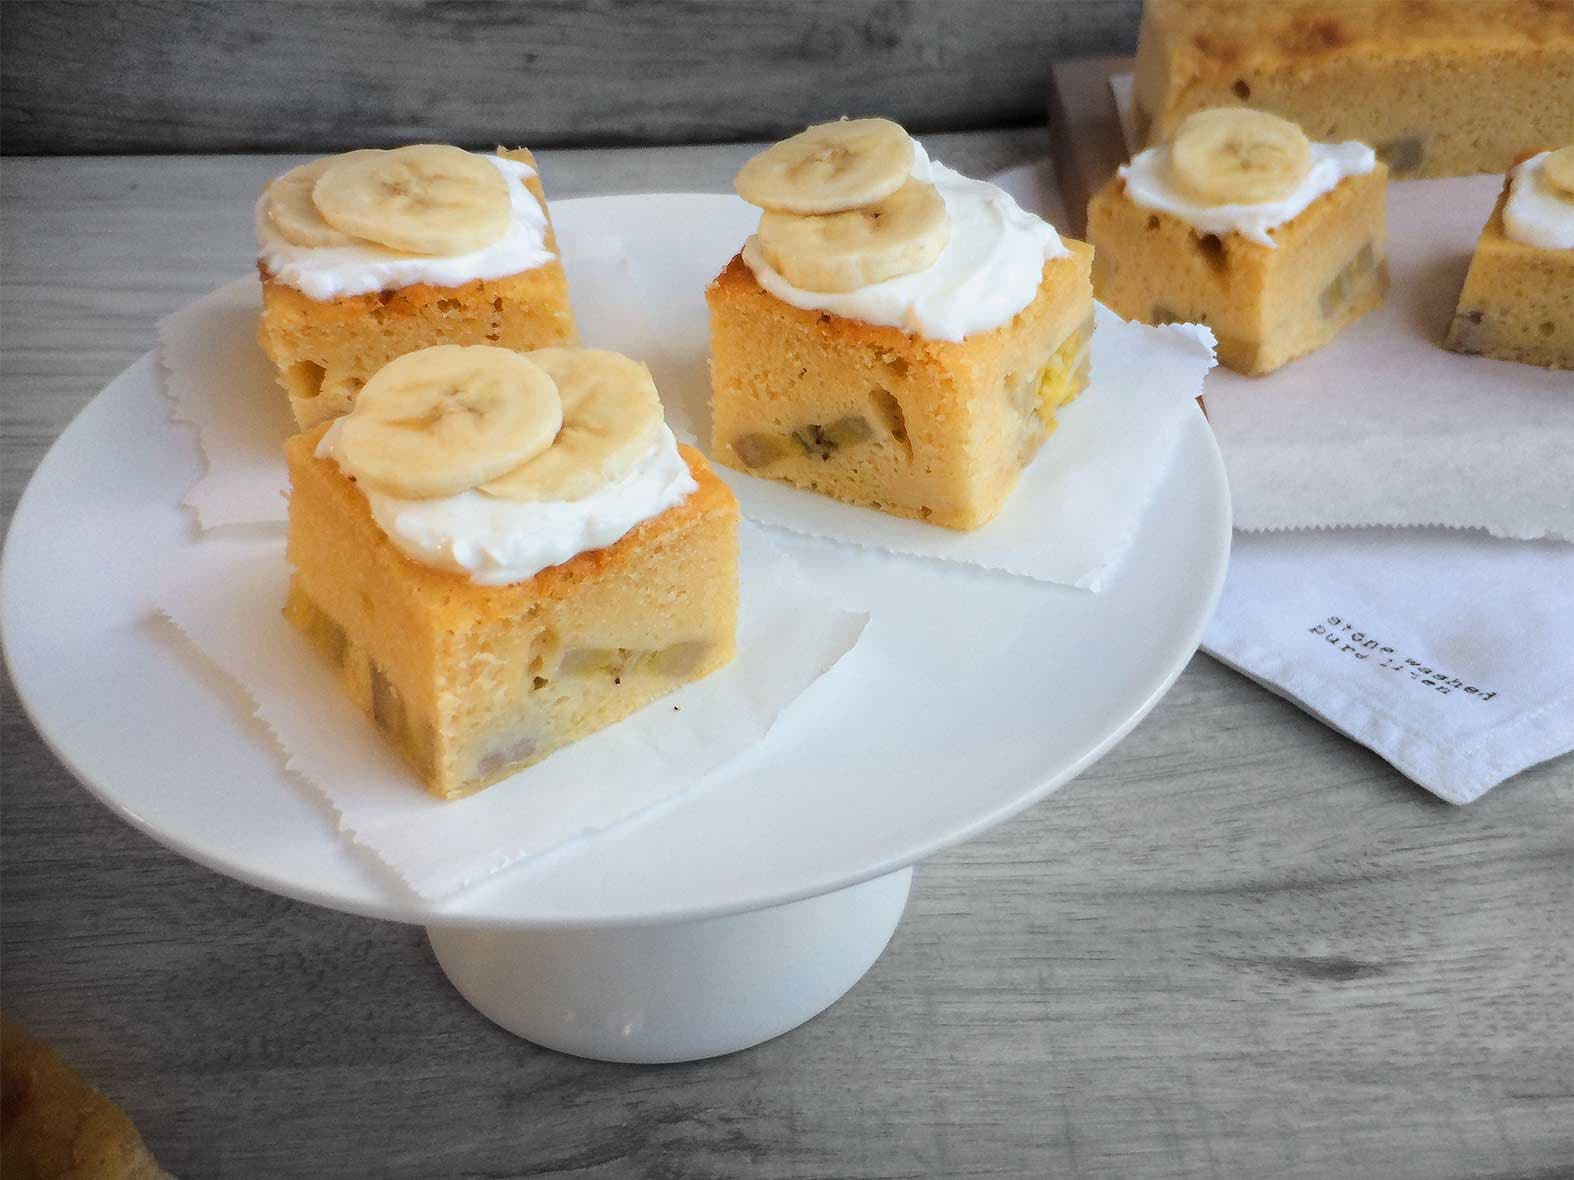 Blondies de pain aux bananes